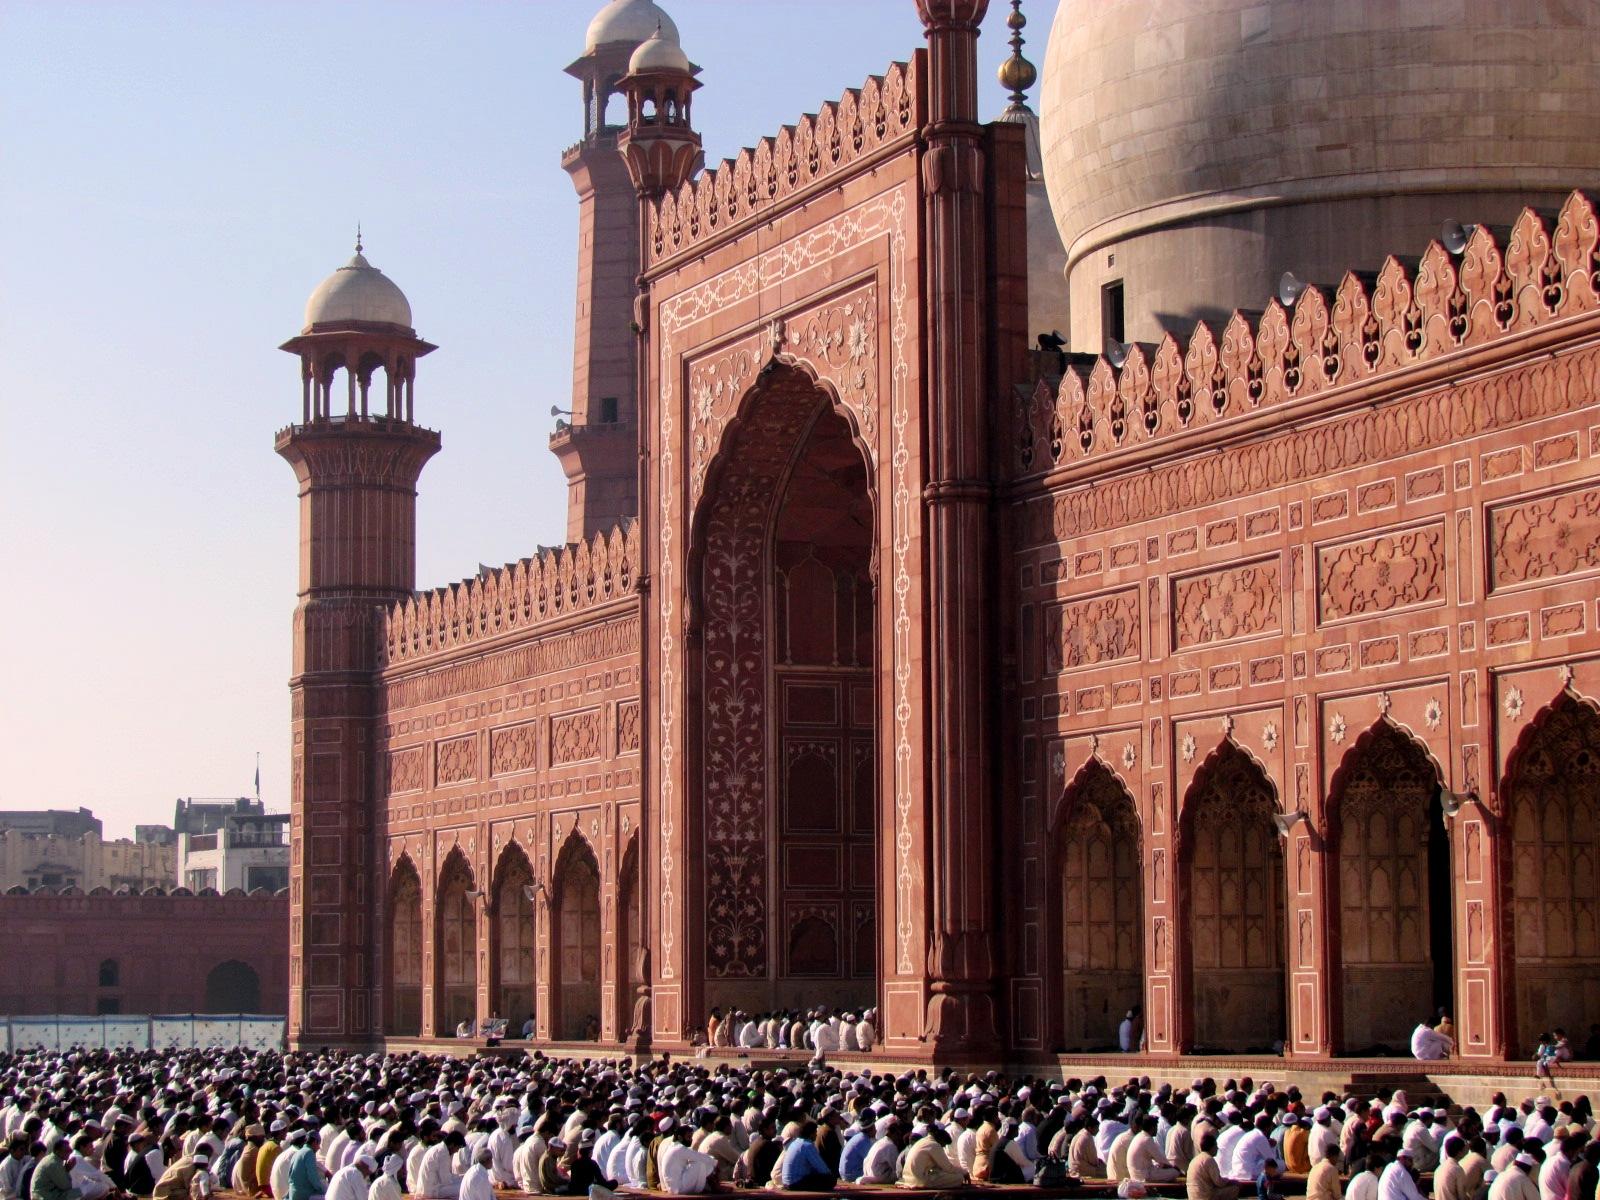 _The_Badshahi_in_all_its_glory_during_the_Eid_Prayers_3992186154451287663.JPG